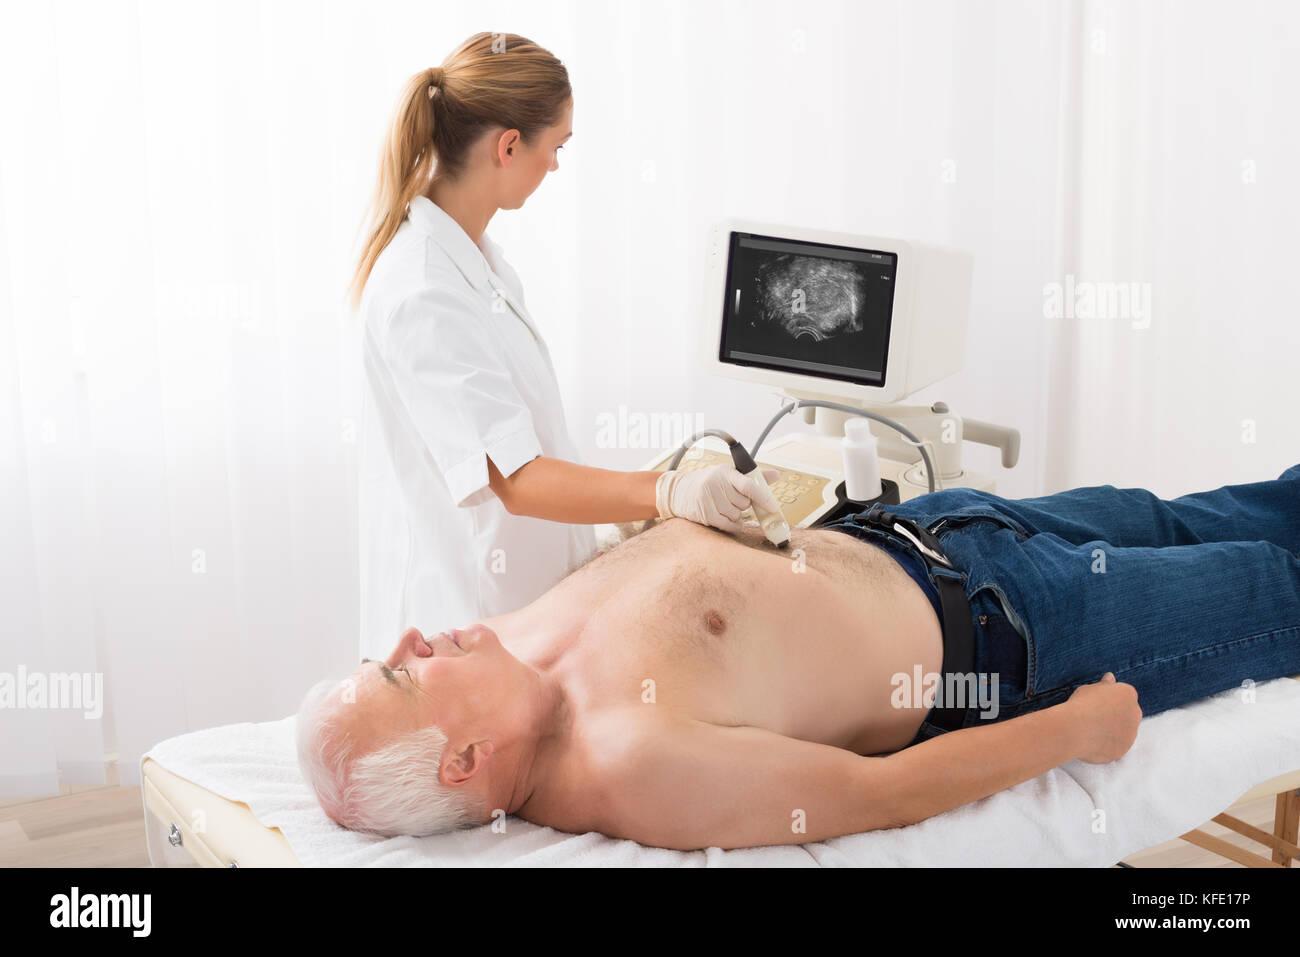 УЗИ брюшной полости как делают, что даёт и выявляет? 12